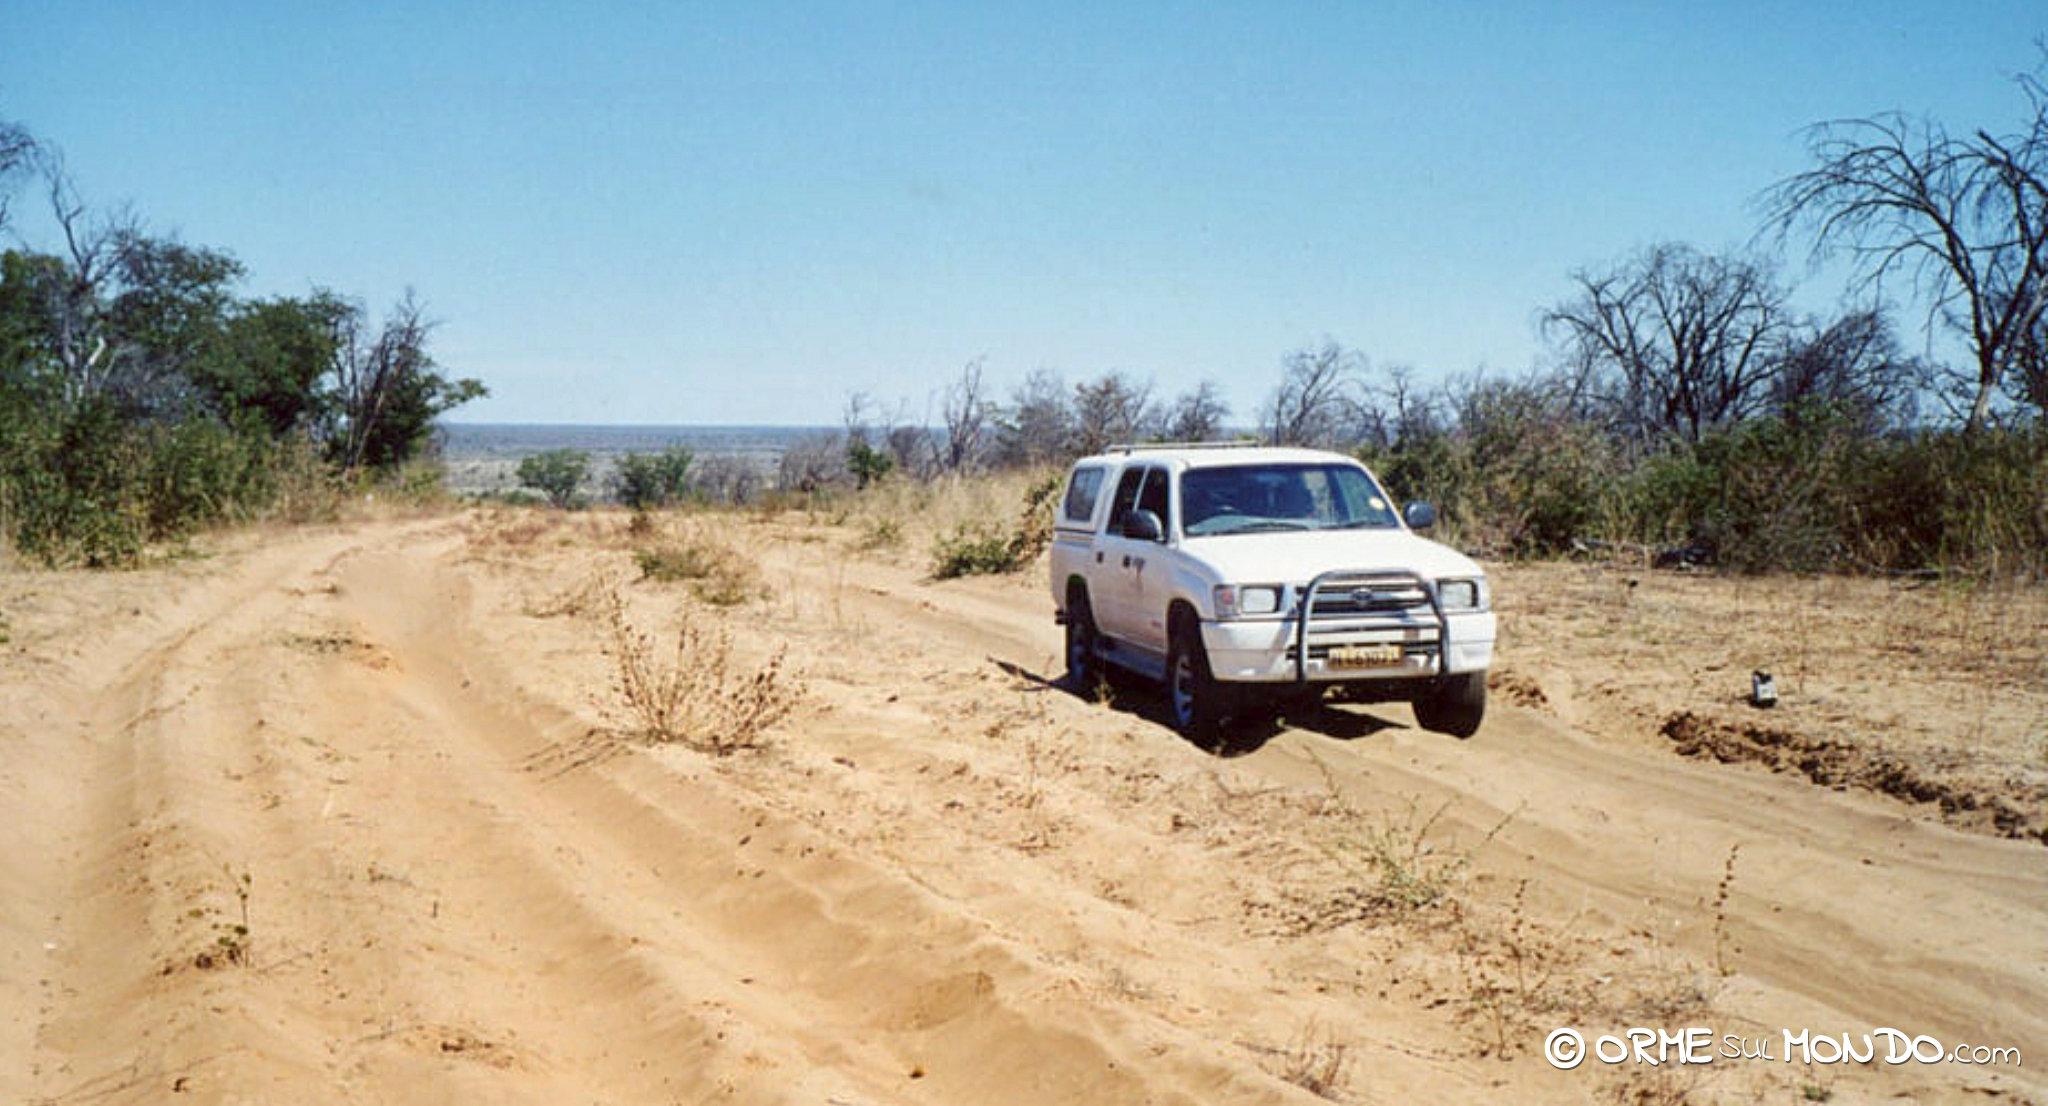 Il nostro fuoristrada mentre attraversa una pista di sabbia